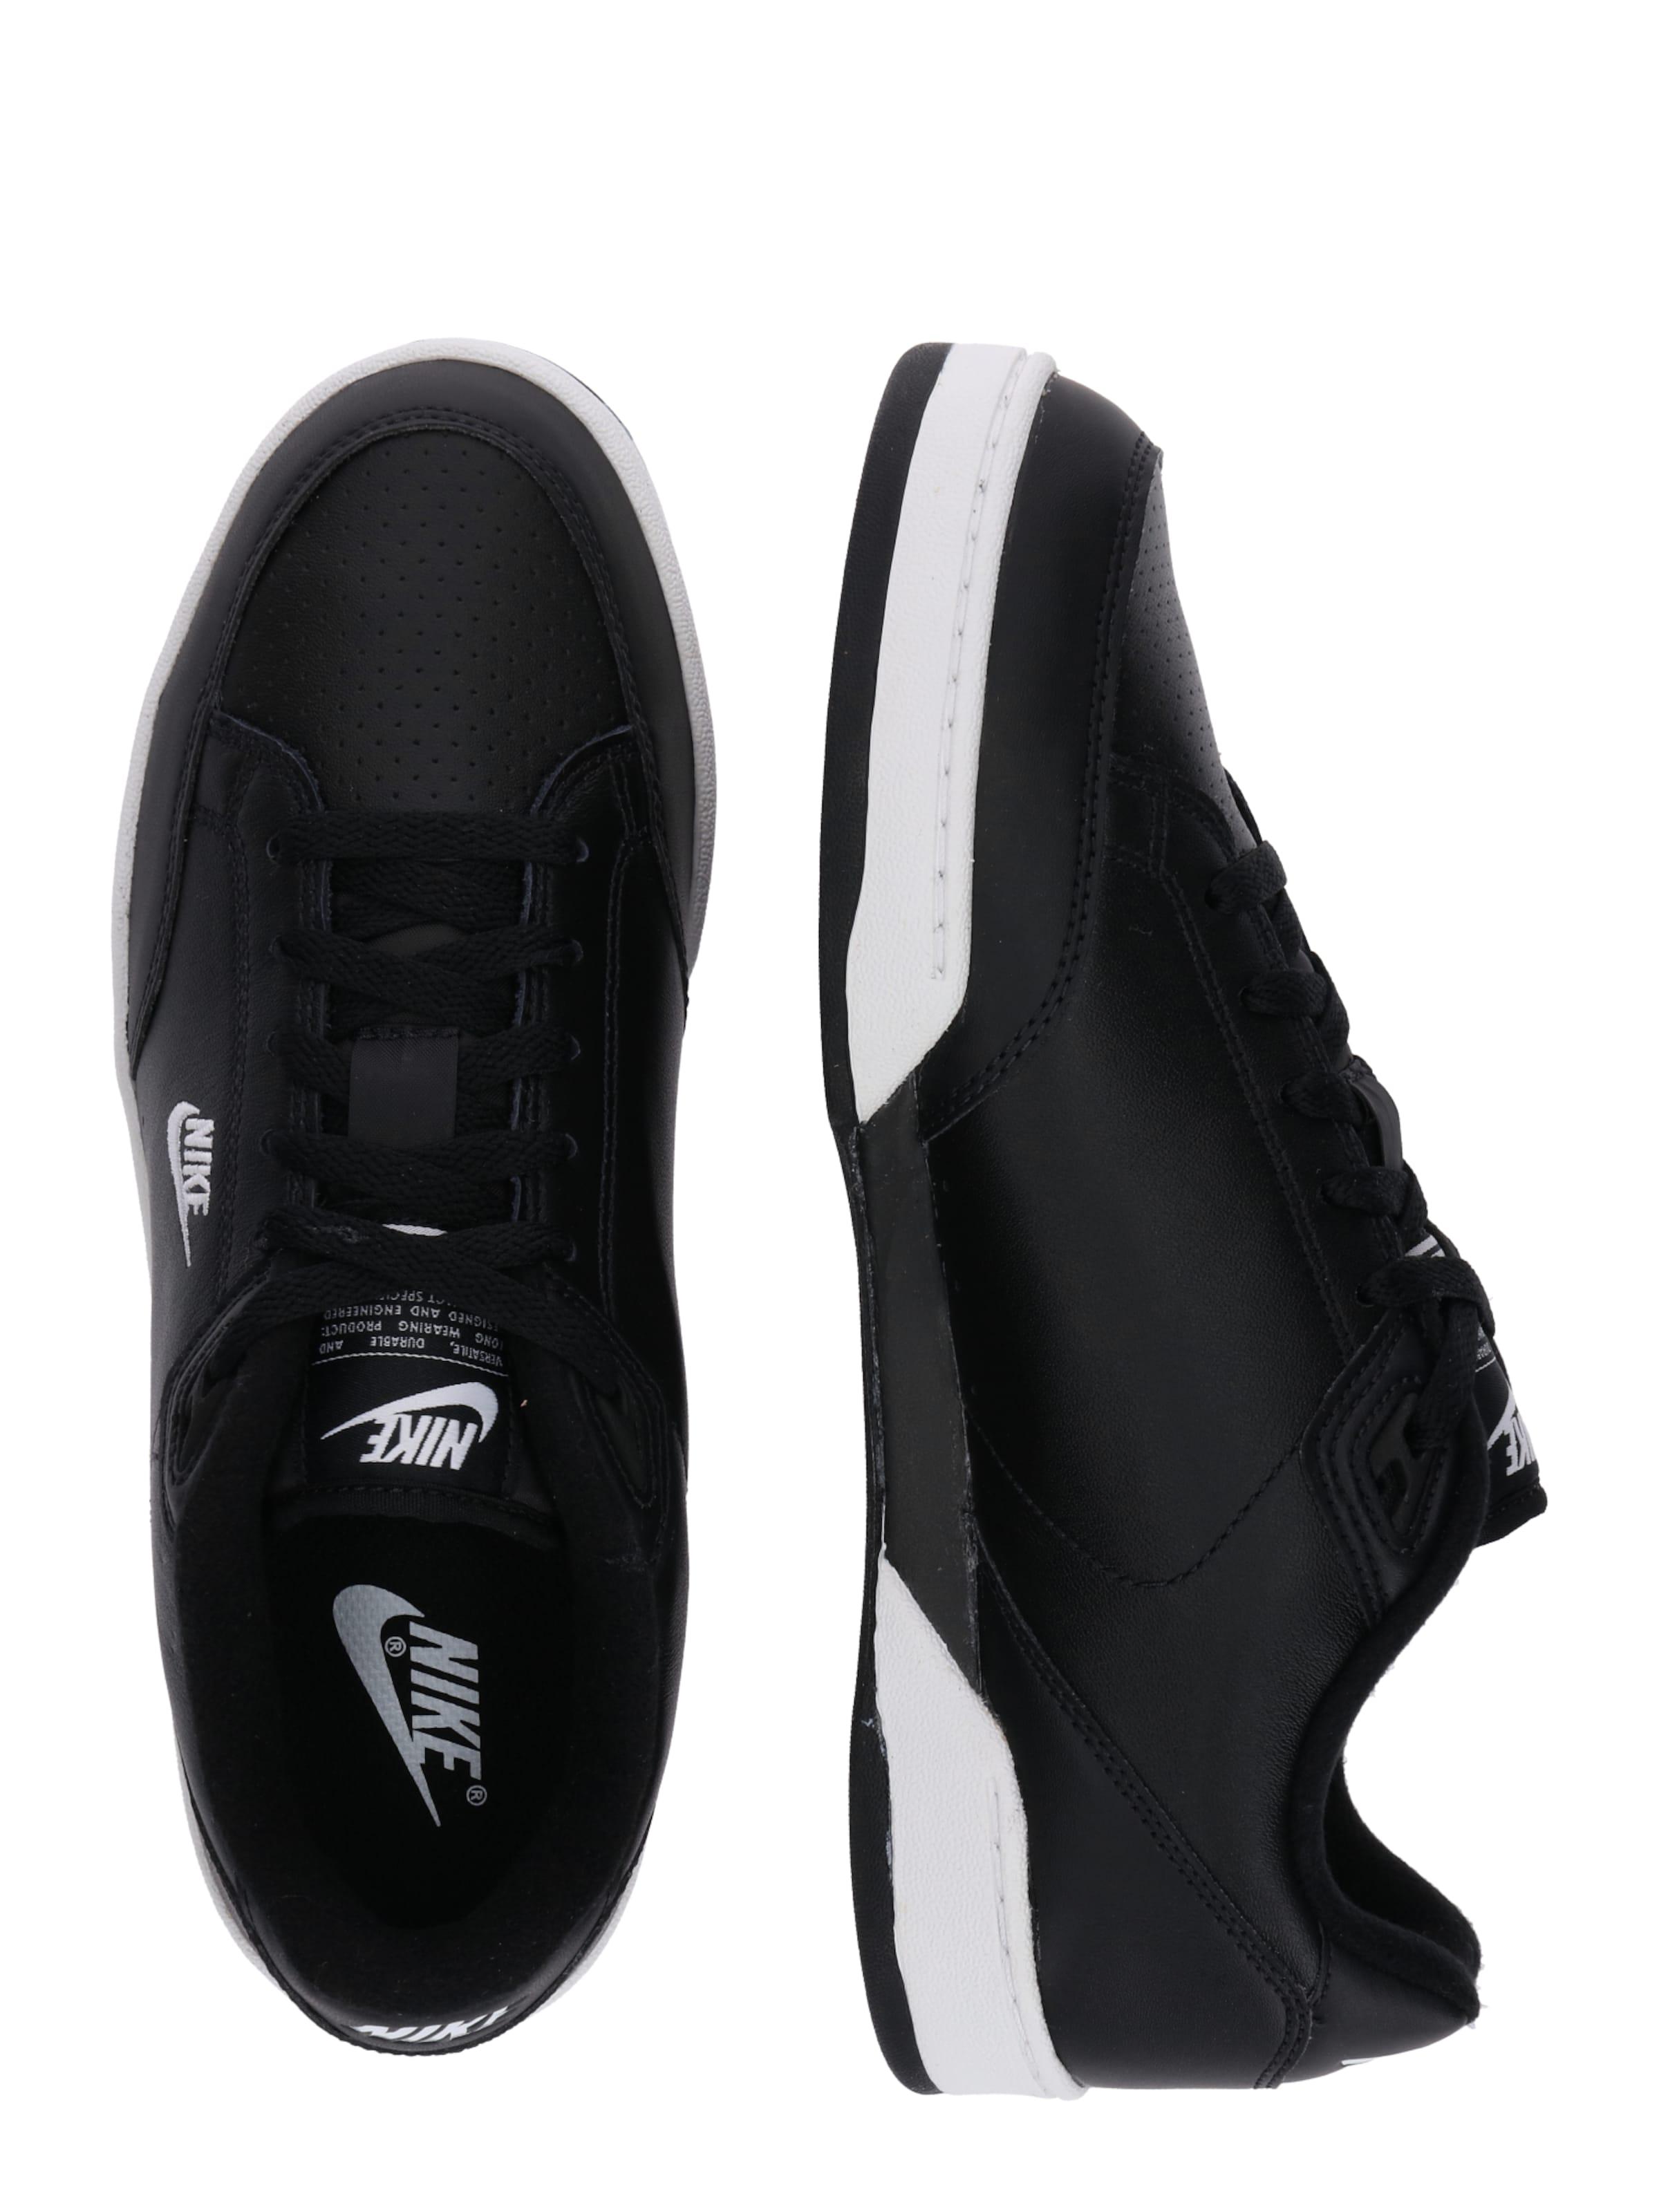 SchwarzWeiß In Sneaker 'grandstand Nike Shoe' Ii Sportswear W9IbHeEYD2